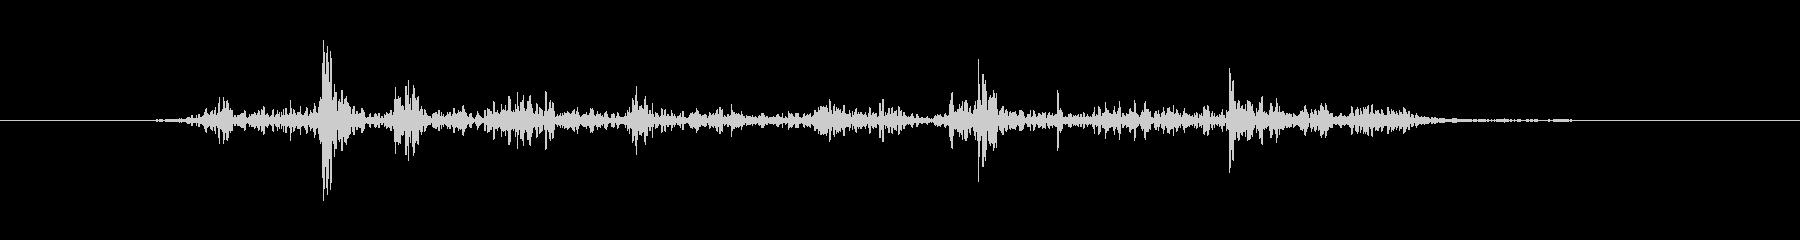 フラグ ミディアムフラップ02の未再生の波形